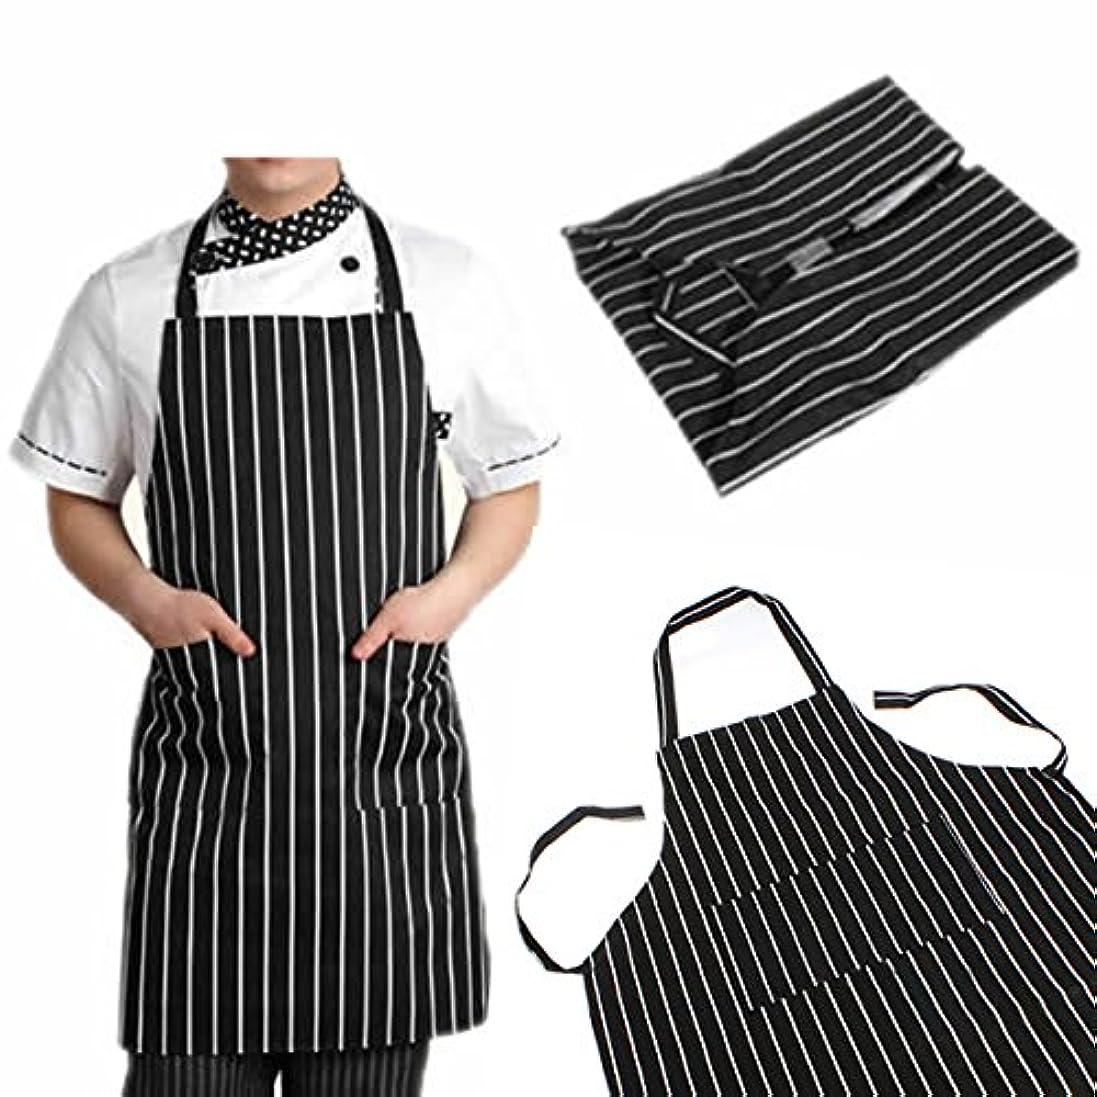 周辺アレキサンダーグラハムベル変装したattachmenttou ブラックストライプビブエプロン 2つのポケット付き キッチン料理 耐久性のある 有用 調節可能な 大人